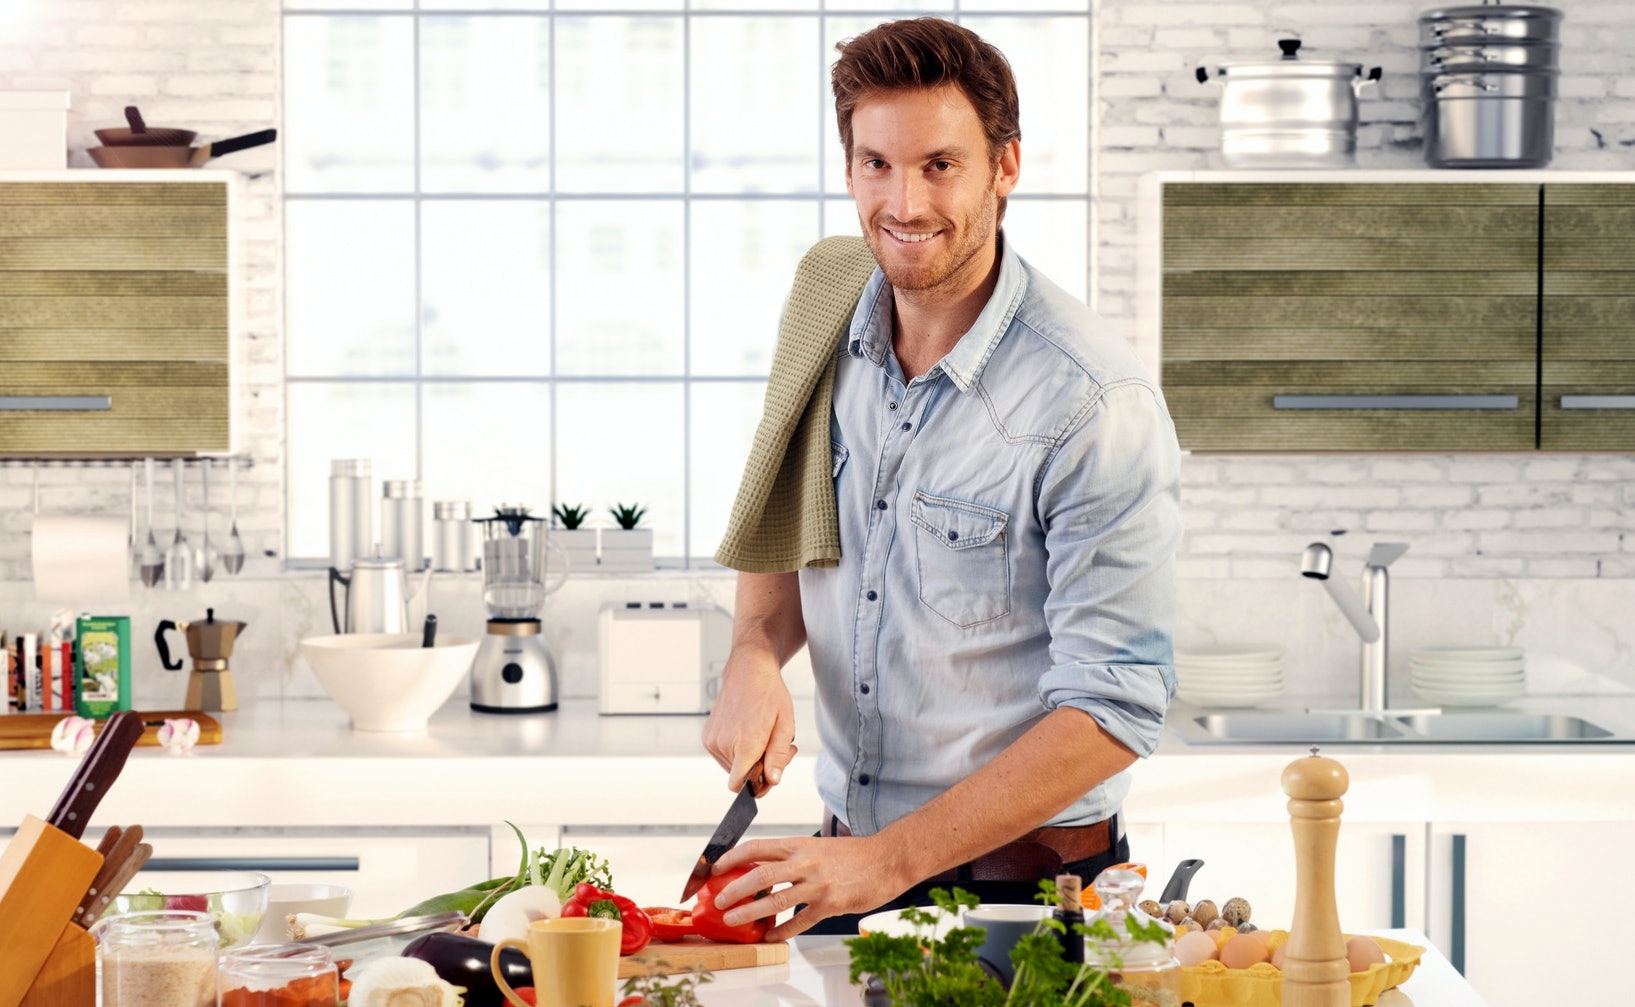 13 Weird Kitchen Tools Every Grown-Ass Man Needs